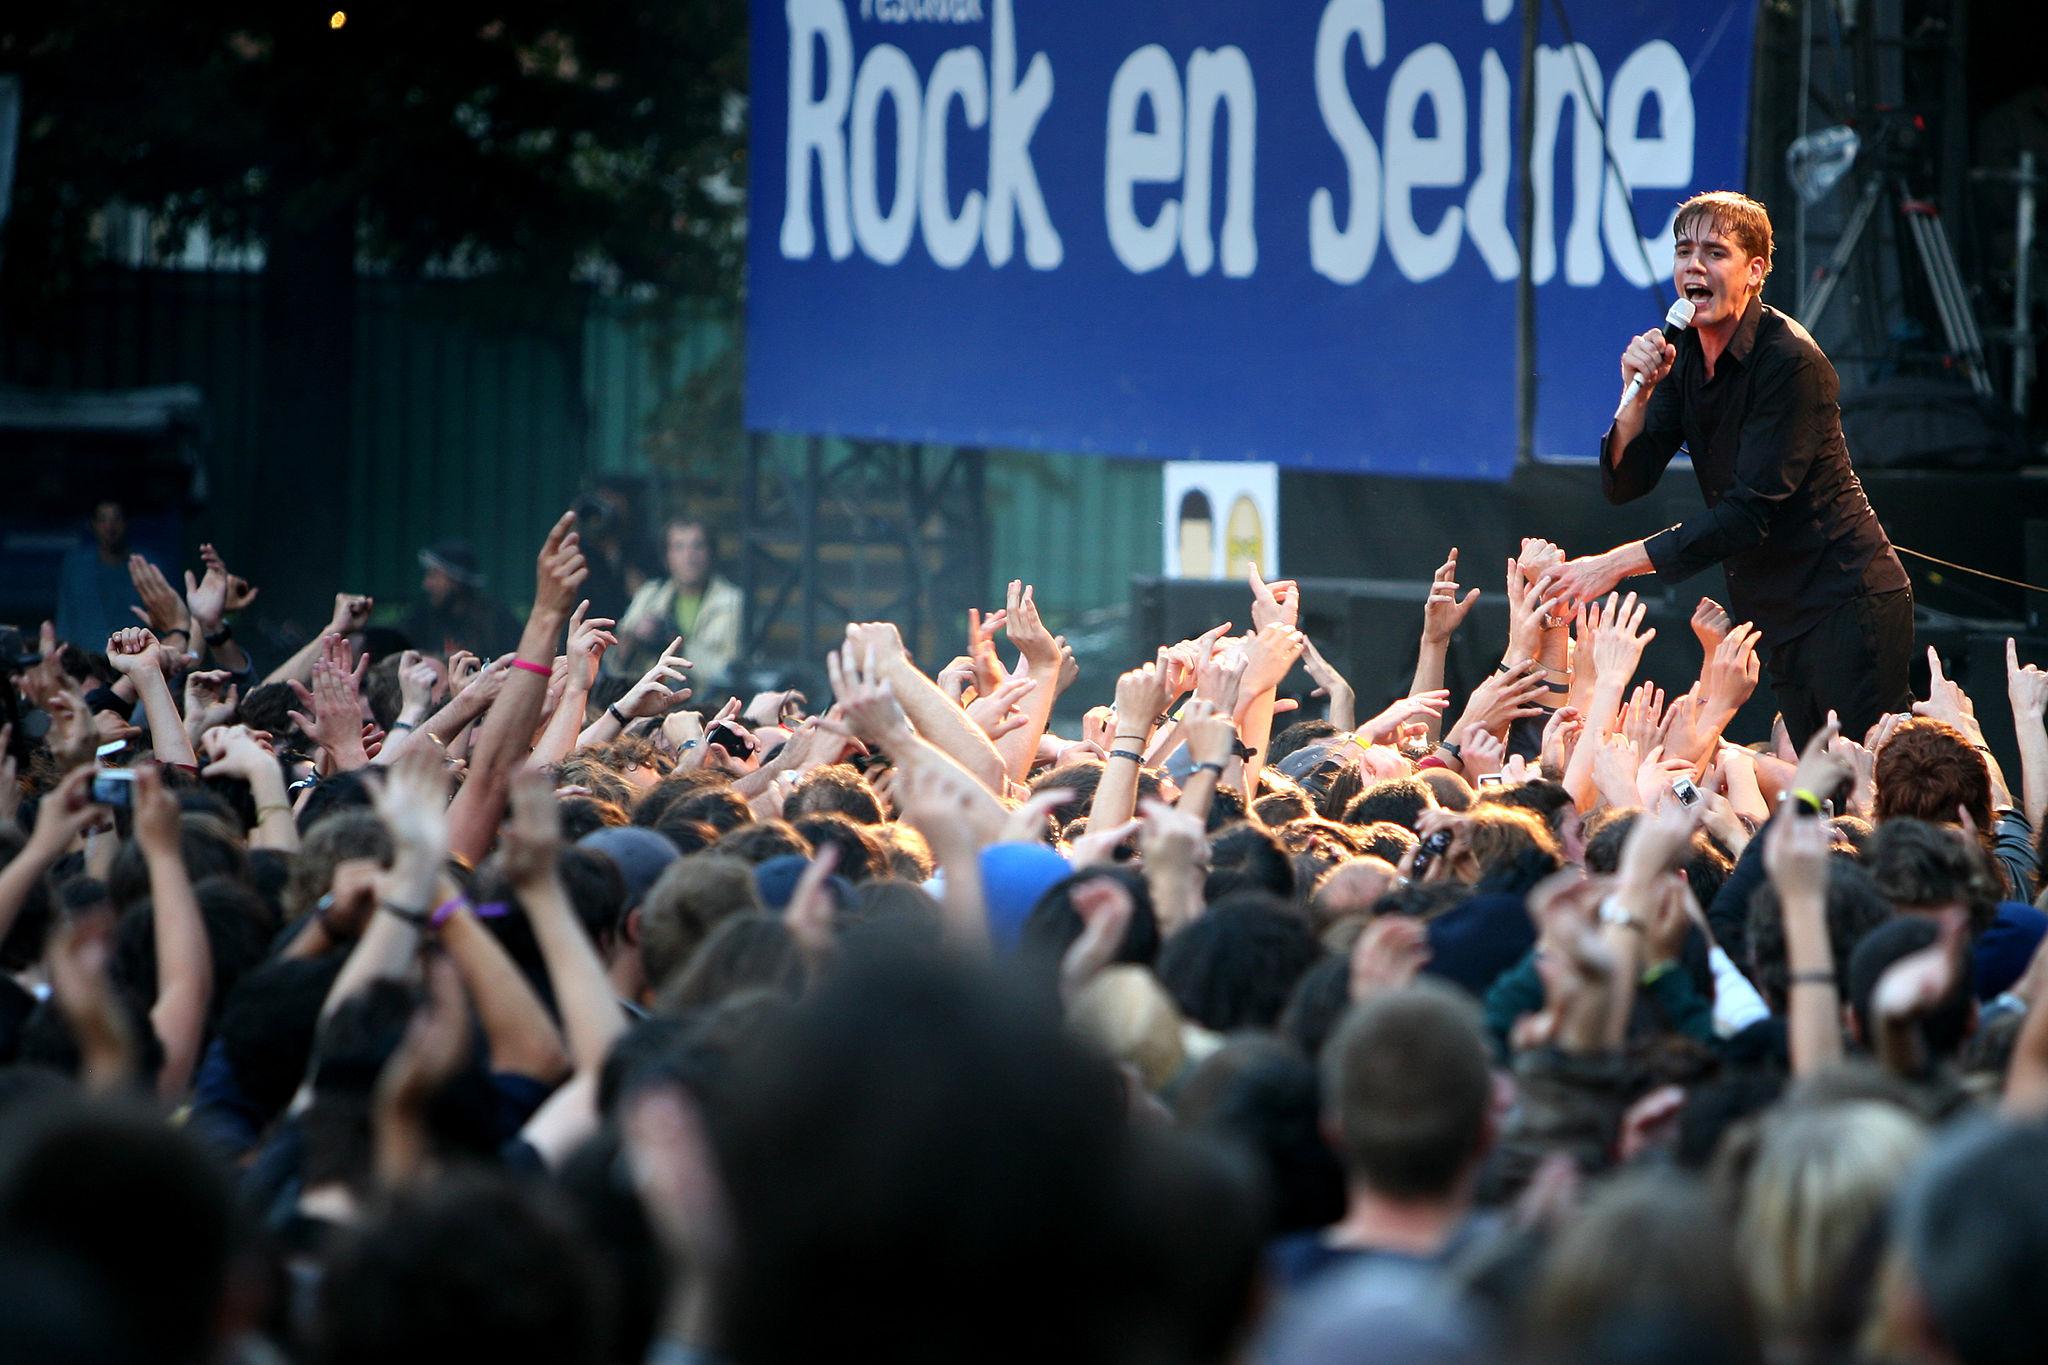 جشنواره ی موسیقی راک ان سن فرانسه